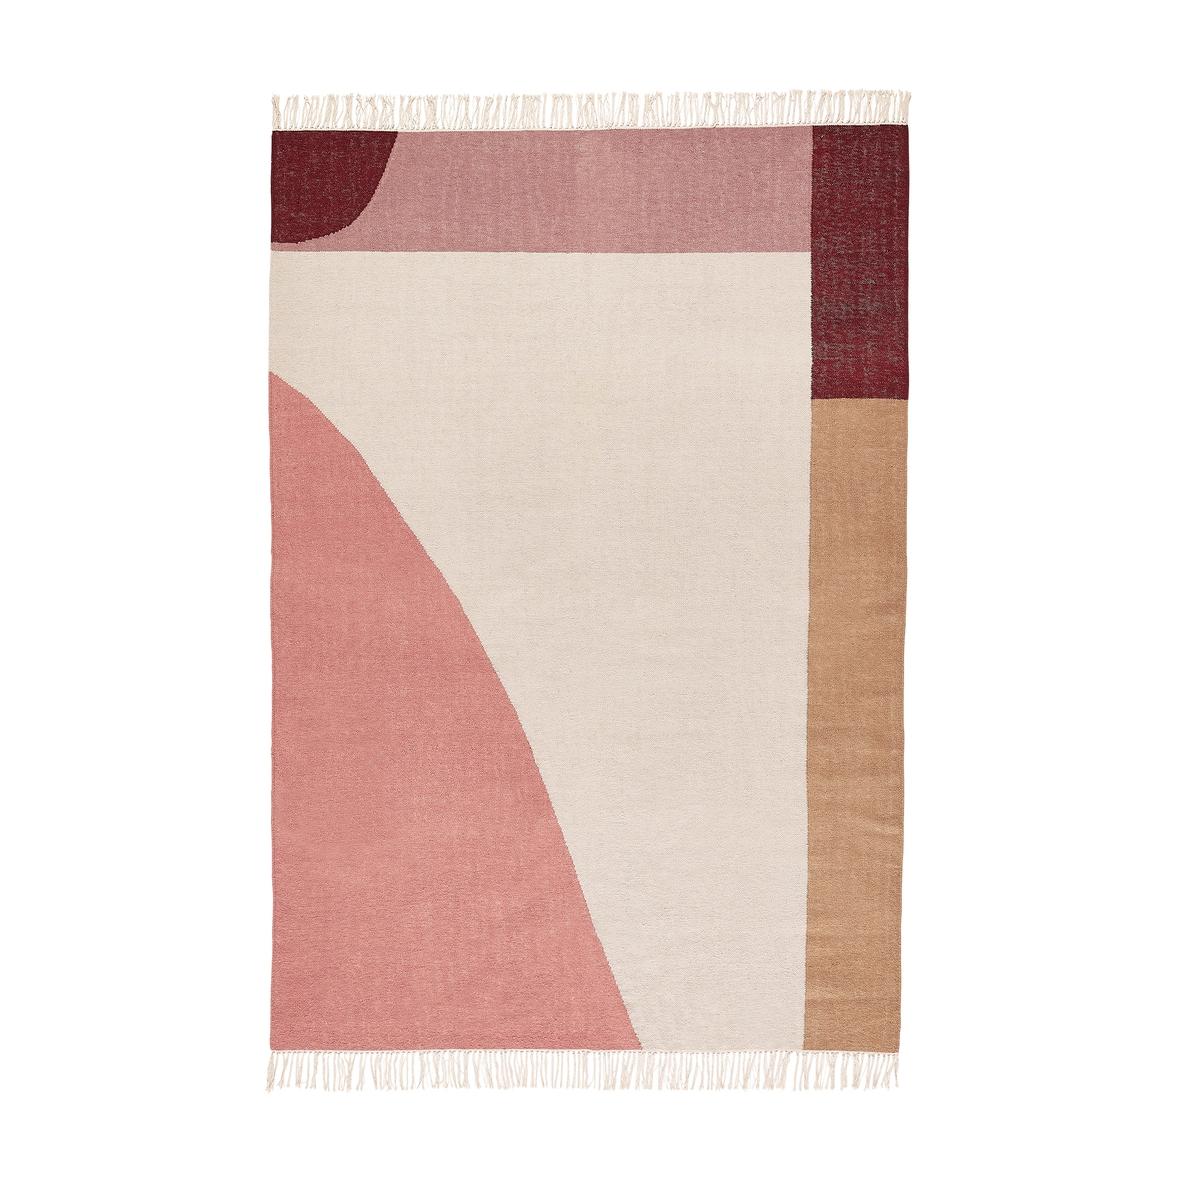 Ковер La Redoute Килим горизонтального плетения из шерсти Ankara 120 x 170 см разноцветный ковер la redoute с ворсом из шерсти и вискозы alandra 120 x 170 см каштановый